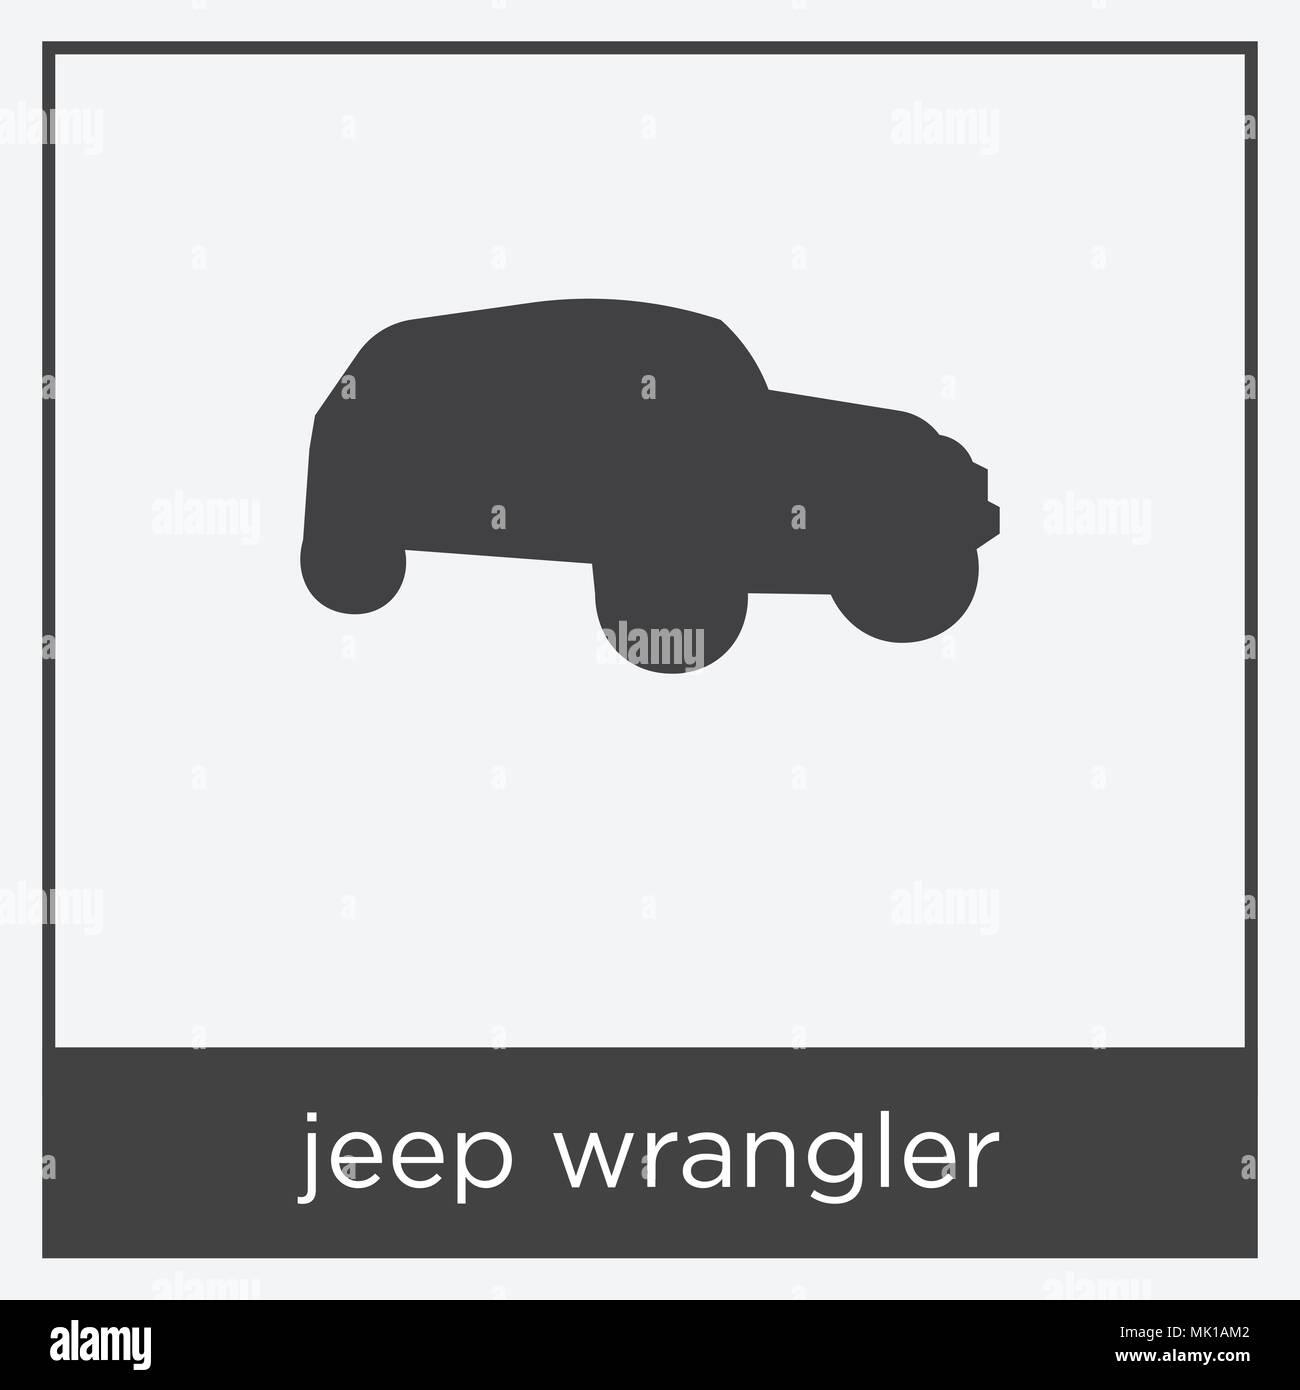 Jeep Wrangler White Stockfotos & Jeep Wrangler White Bilder - Alamy